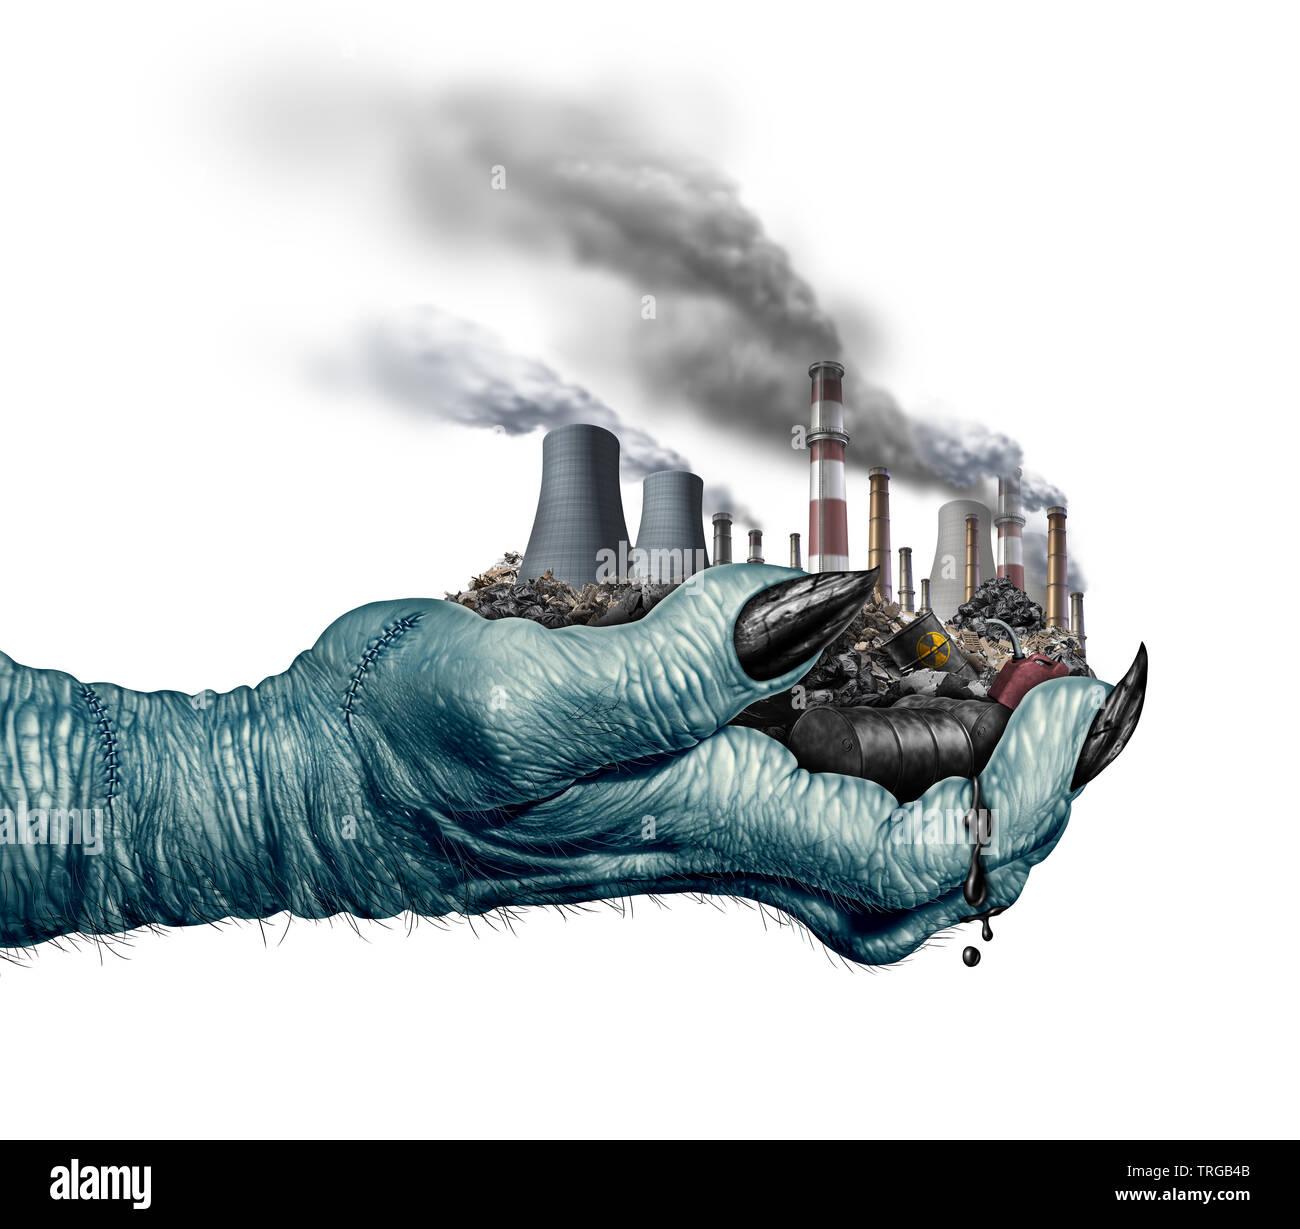 Concepto de peligro ambiental y el cambio climático global medio ambiente riesgo como un monstruo mano sujetando industrias contaminantes y residuos tóxicos. Foto de stock